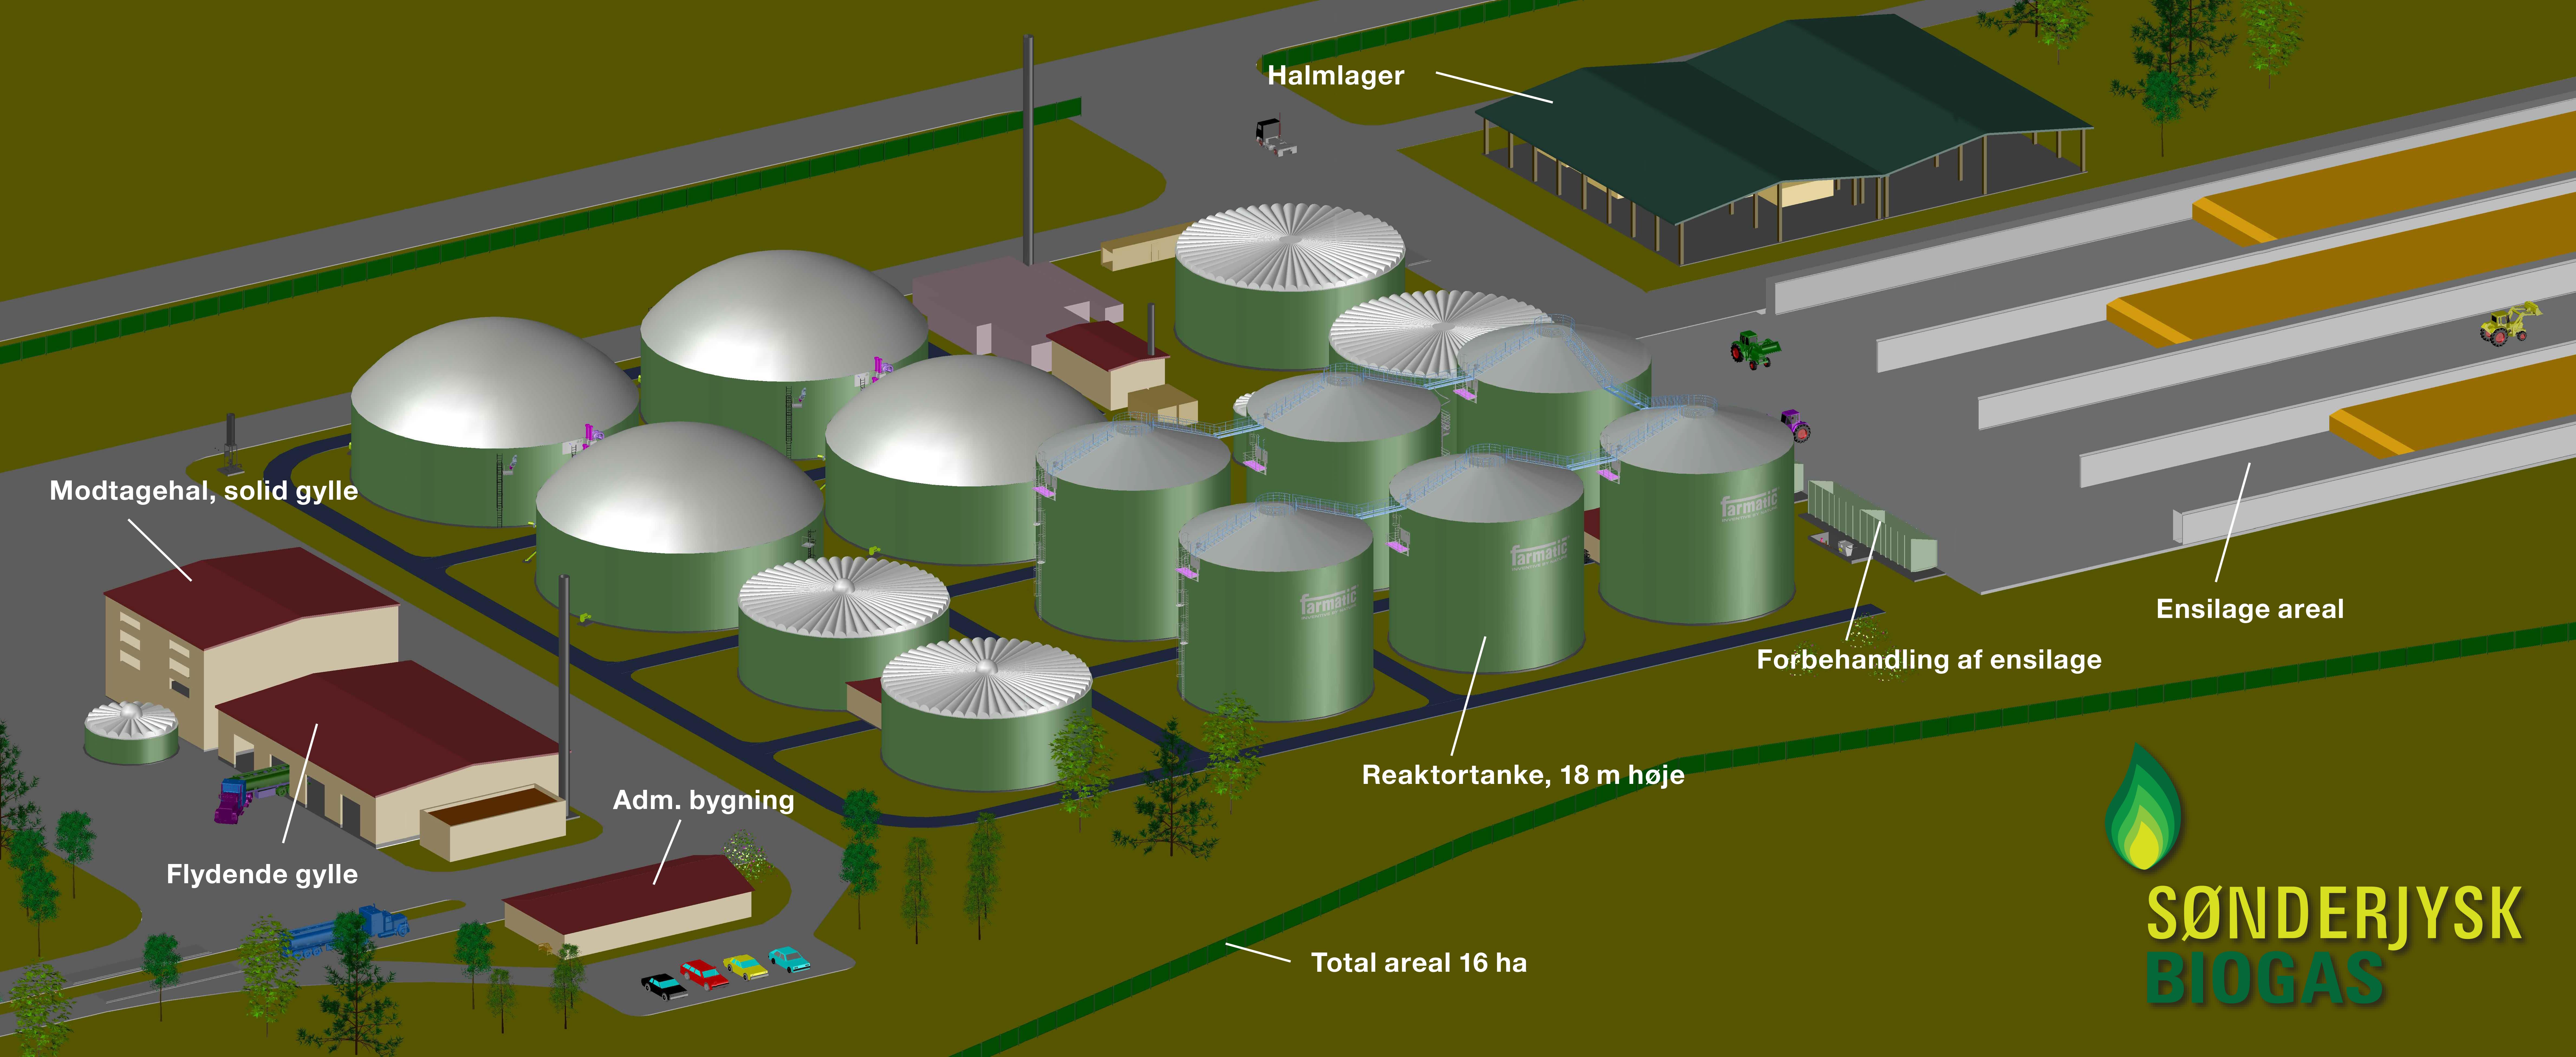 E.ON bygger en av världens största biogasanläggningar - E.ON Sverige AB